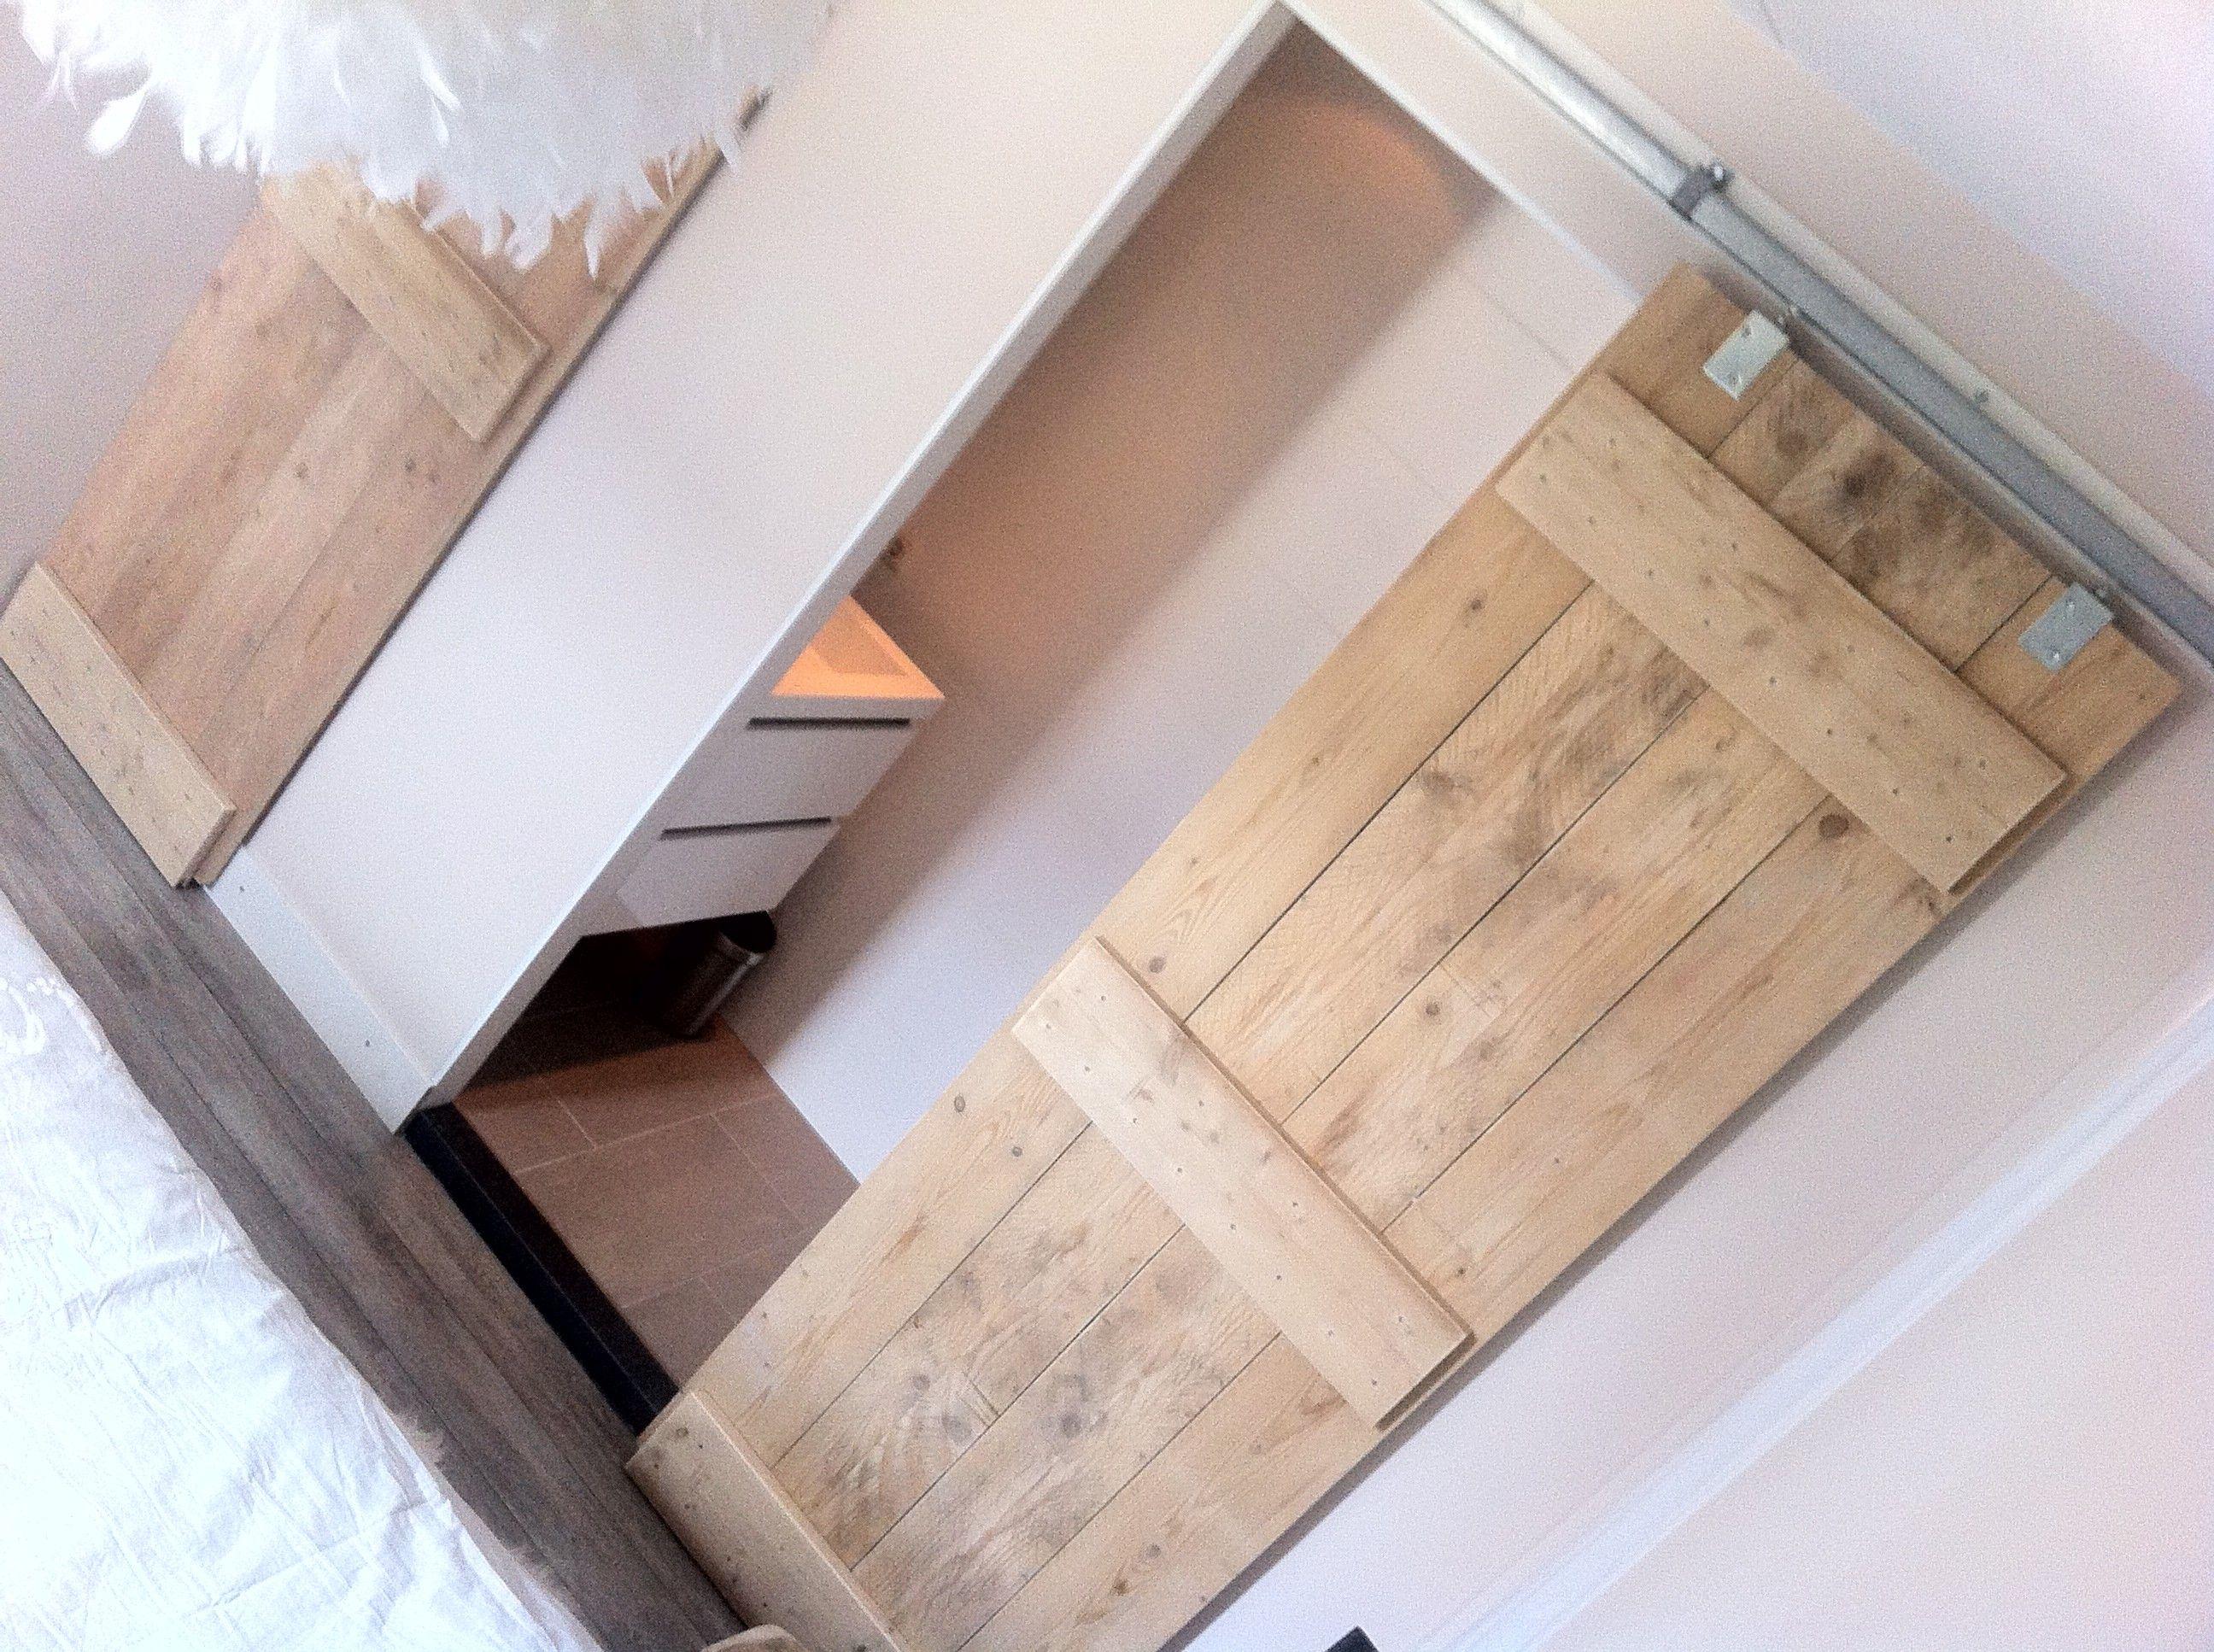 Slaapkamer Kast Schuifdeuren : Onze slaapkamer met steigerhouten schuifdeuren naar de badkamer en